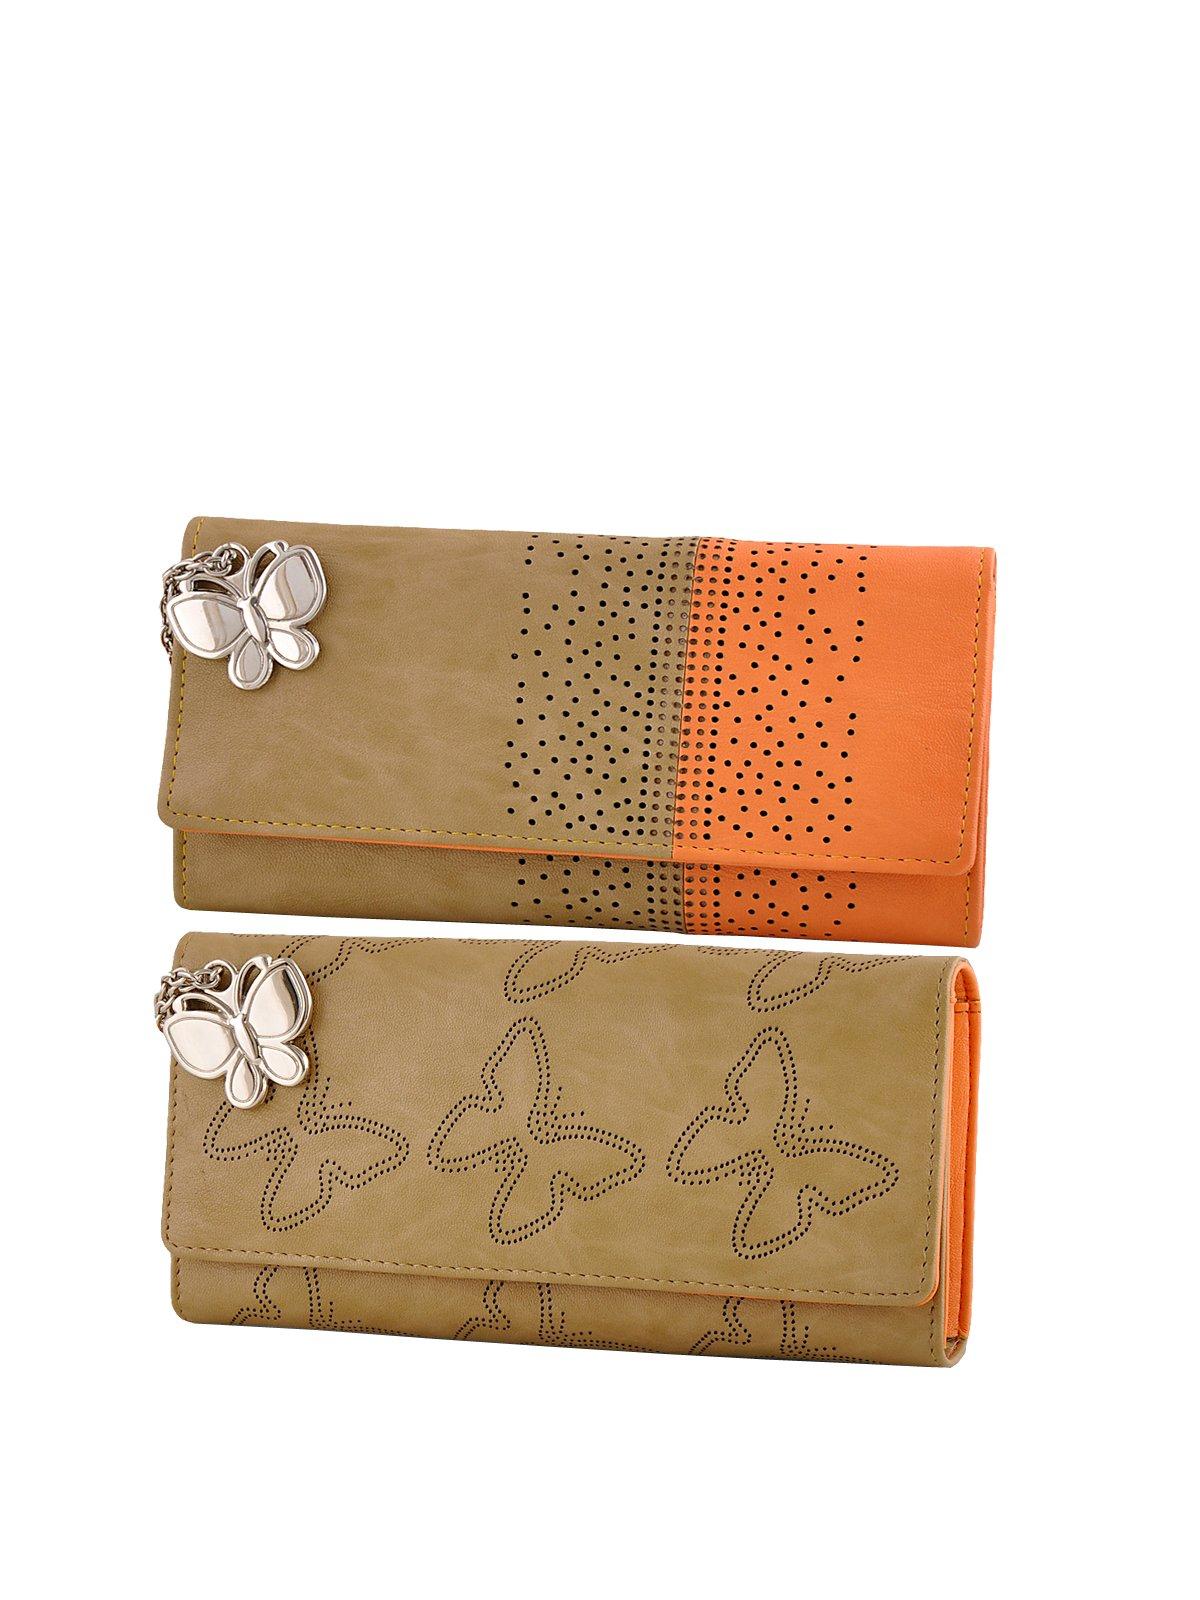 Butterflies Women's Handbag with Wallet (Beige, Orange) (Set of 2) product image